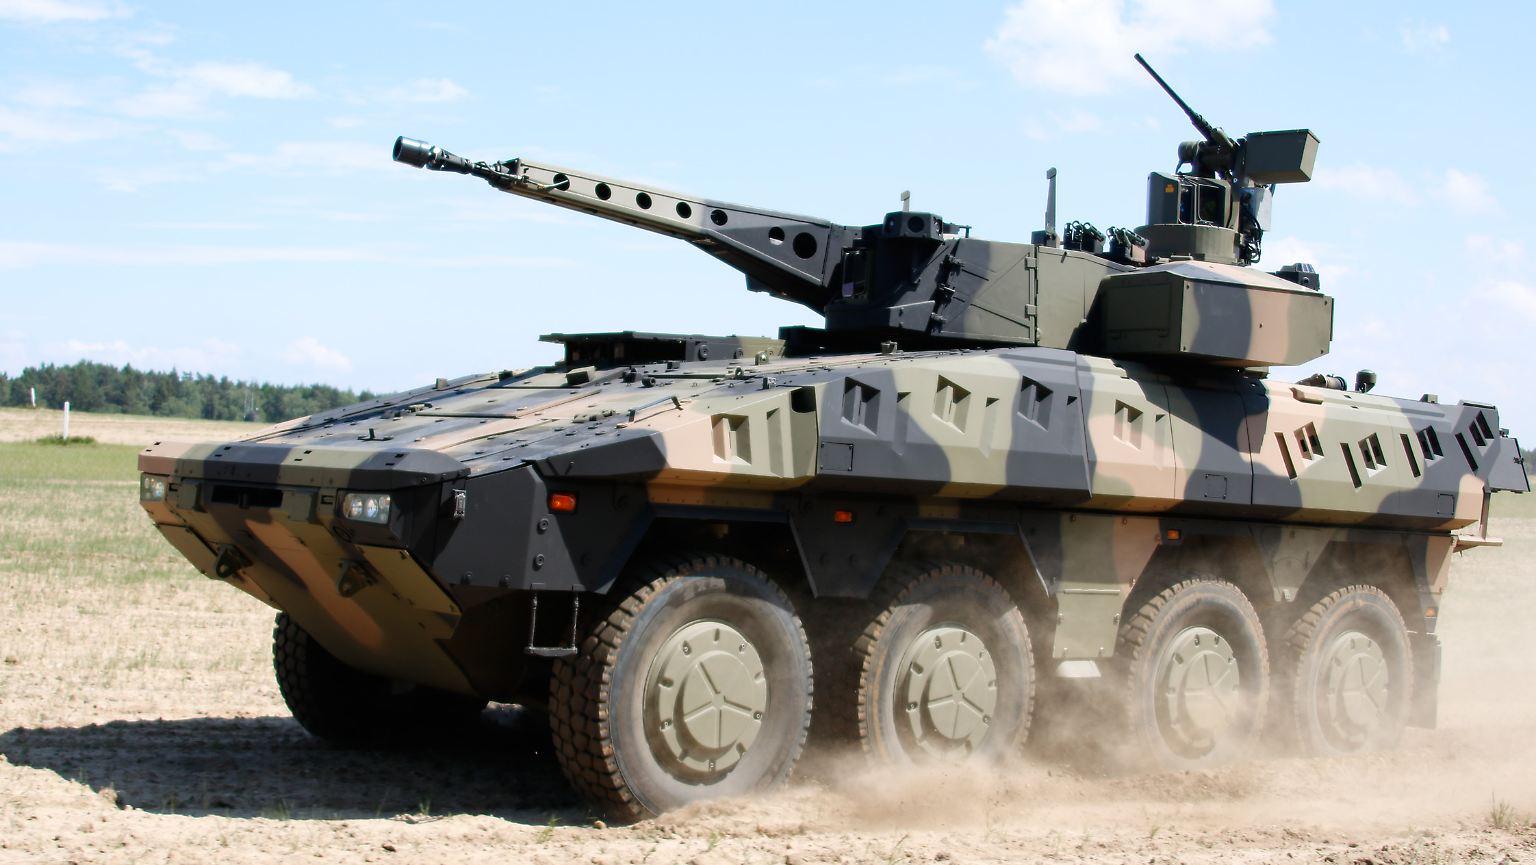 Der Börsen-Tag: Rheinmetall leidet unter Rüstungsstopp in die Türkei - n-tv.de